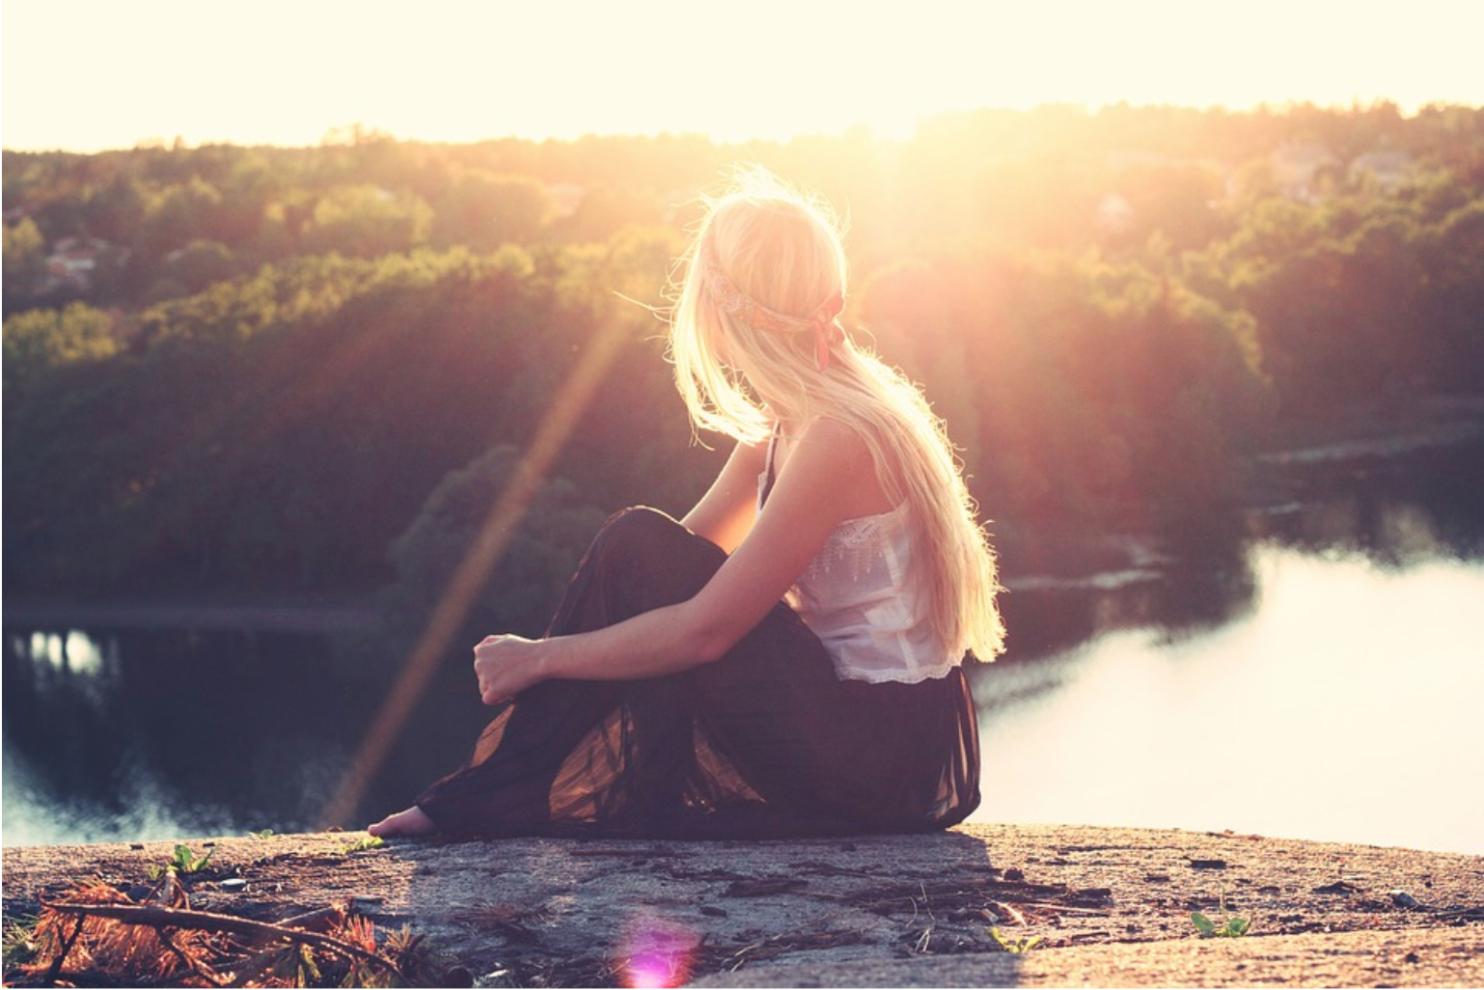 Cách xử lý tốt hơn là hãy dành thời gian để điều chỉnh cảm xúc của bản thân và có thể lắng nghe trái tim mình nhiều hơn. (Ảnh: Pixabay)